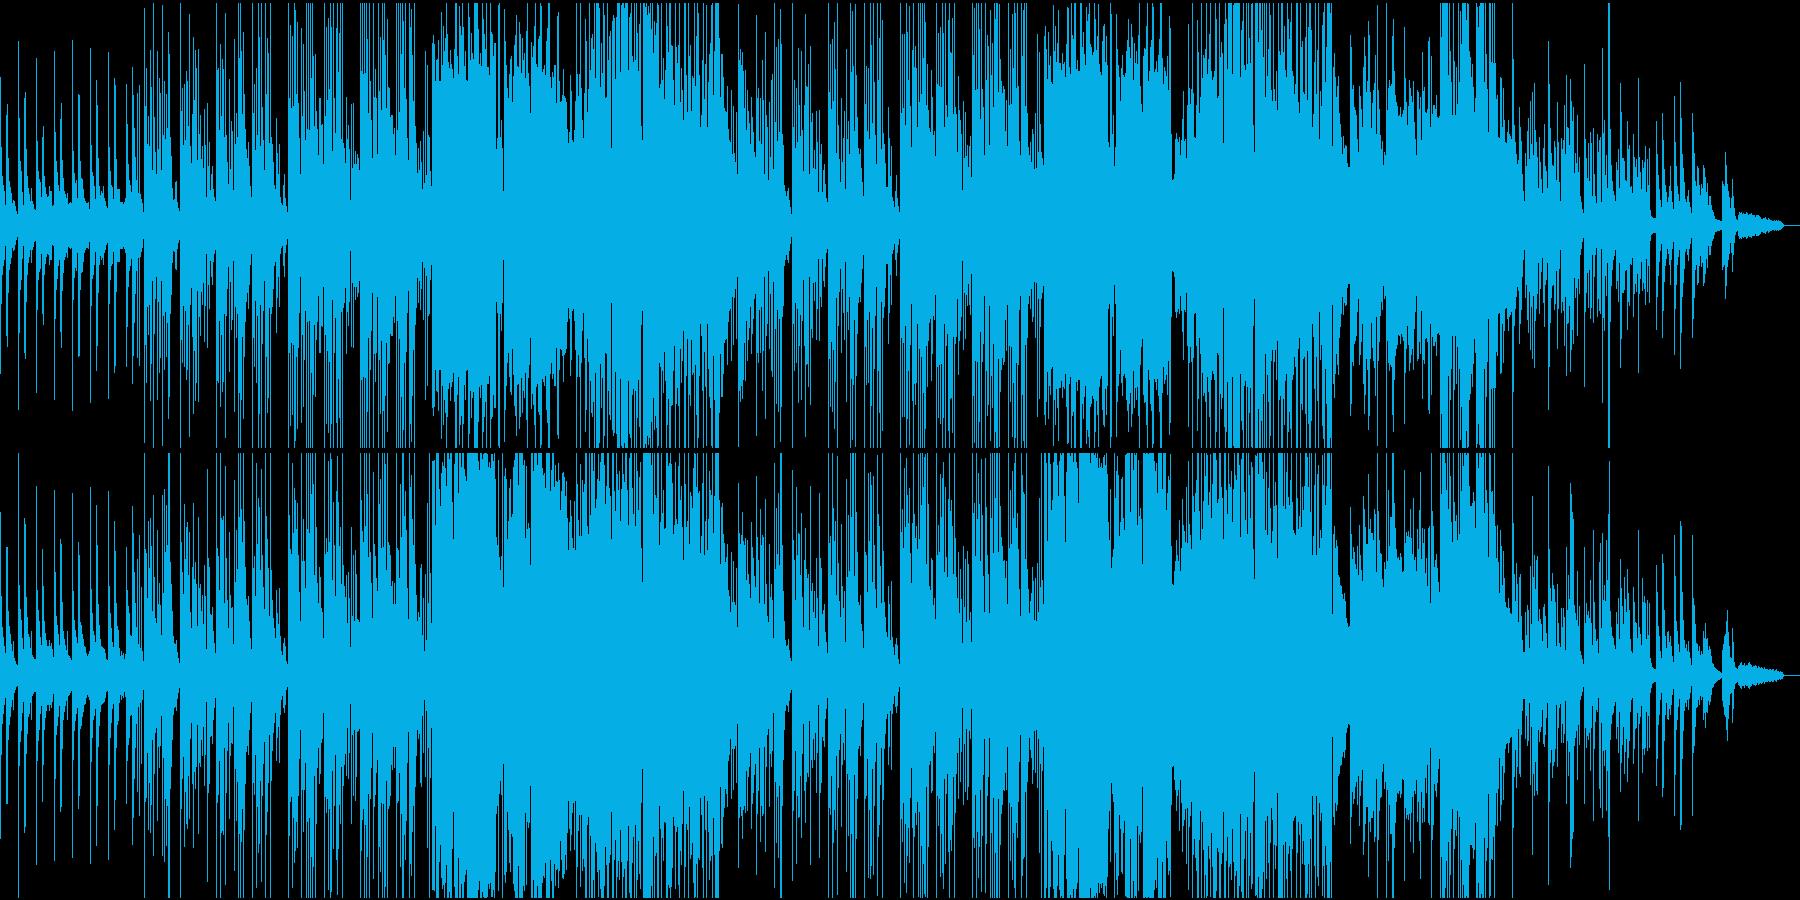 とても懐かしい、おしゃれな和風ポップスの再生済みの波形